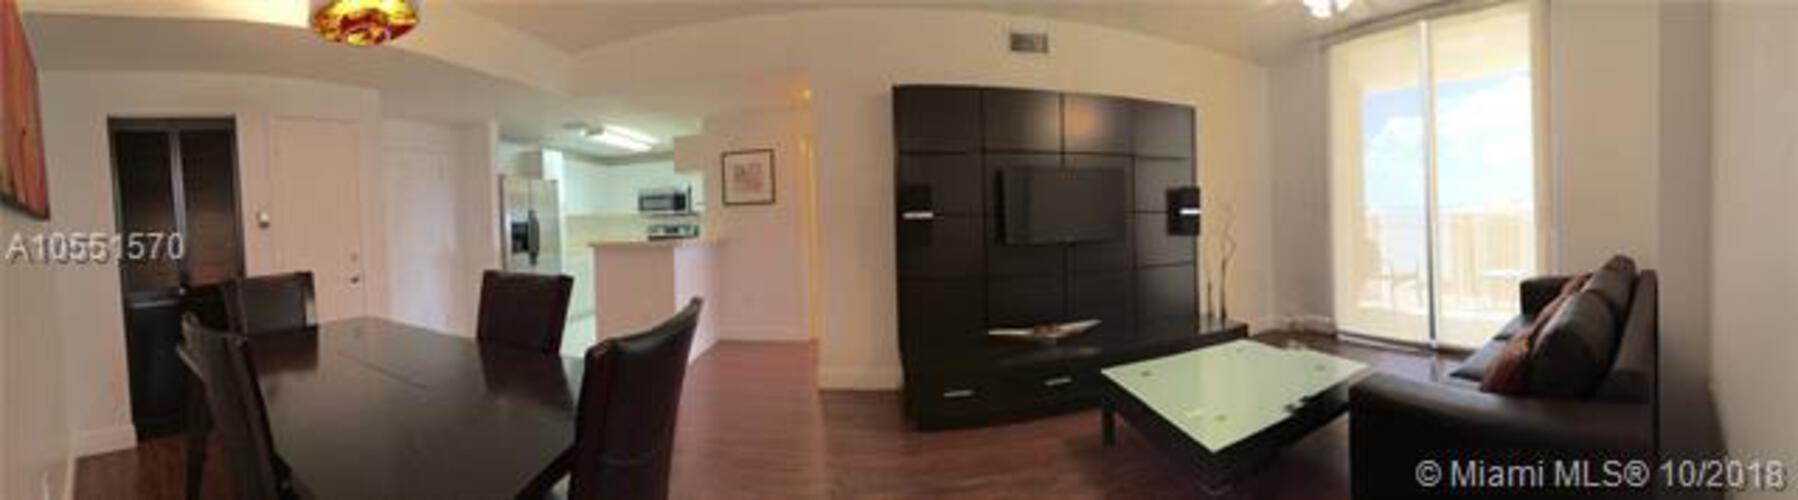 185 Southeast 14th Terrace, Miami, FL 33131, Fortune House #2107, Brickell, Miami A10551570 image #25